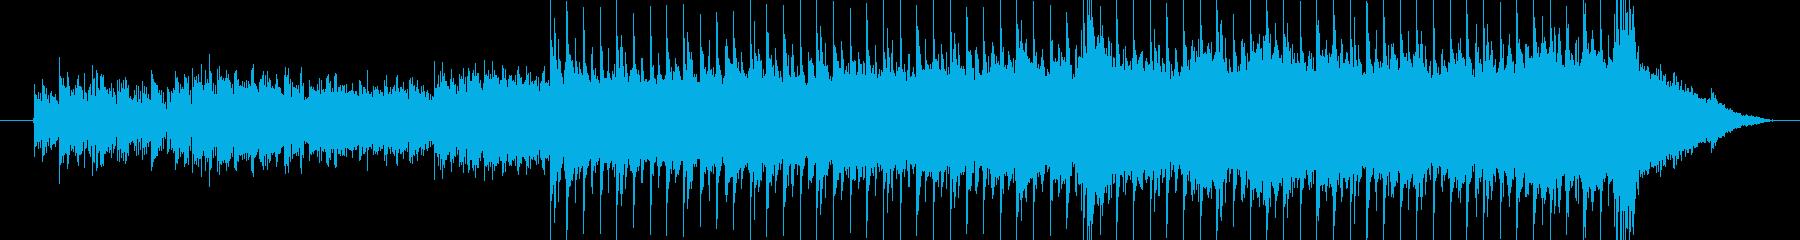 心地よいリズムでやわらかいメロディーの再生済みの波形